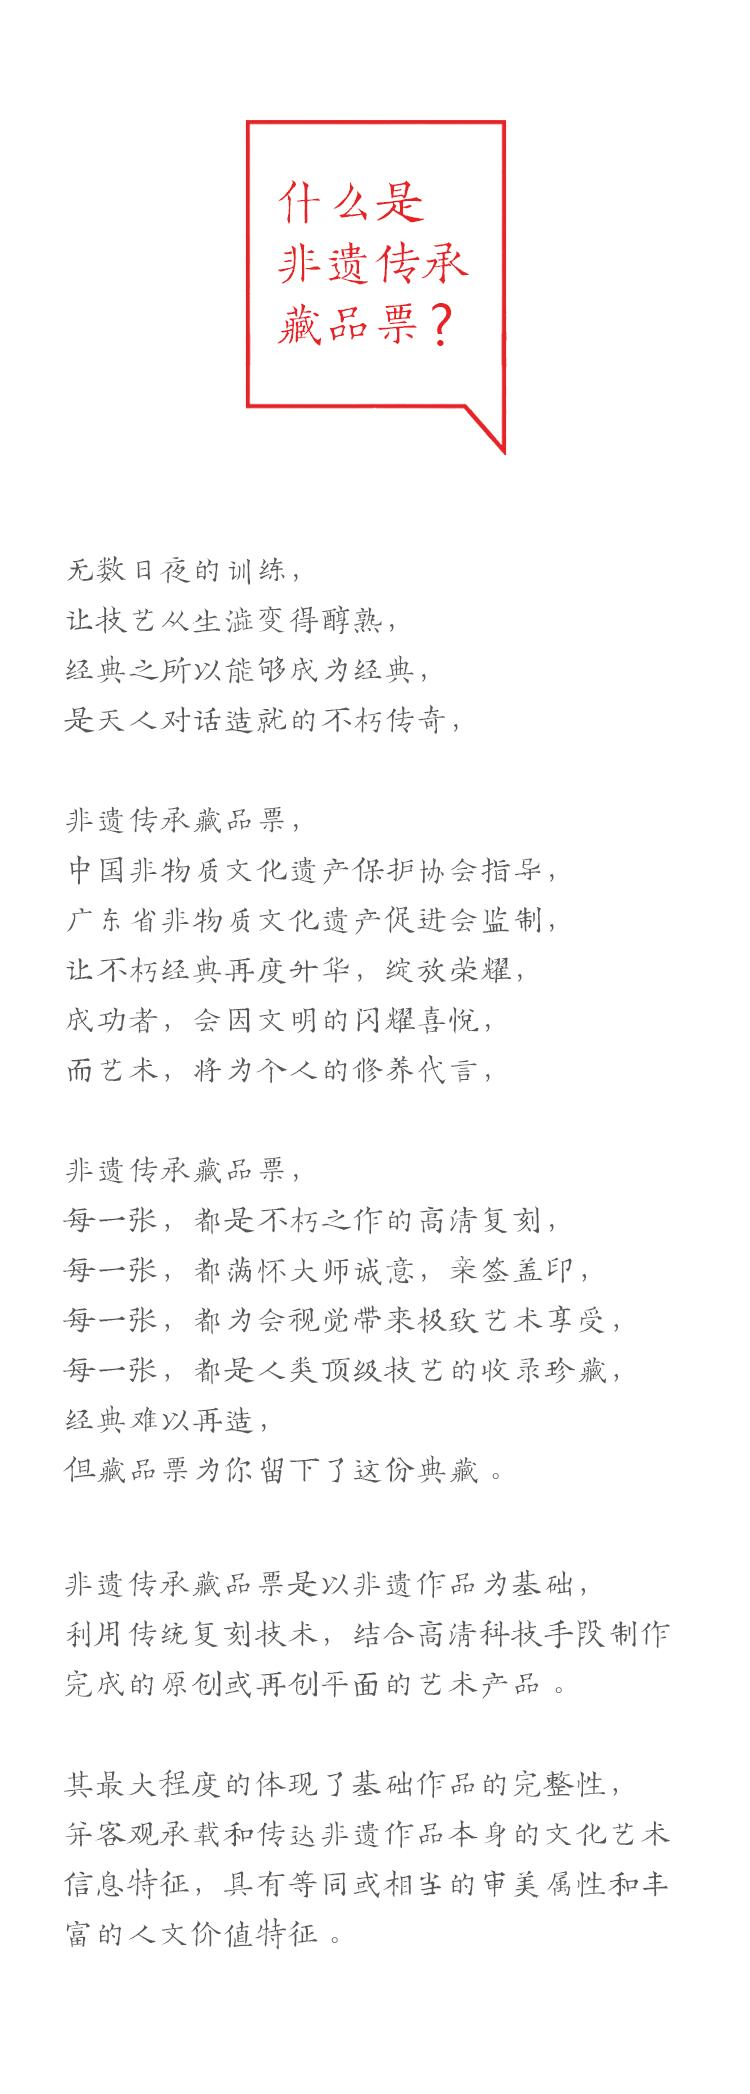 十二花神-二月杏花_06.jpg